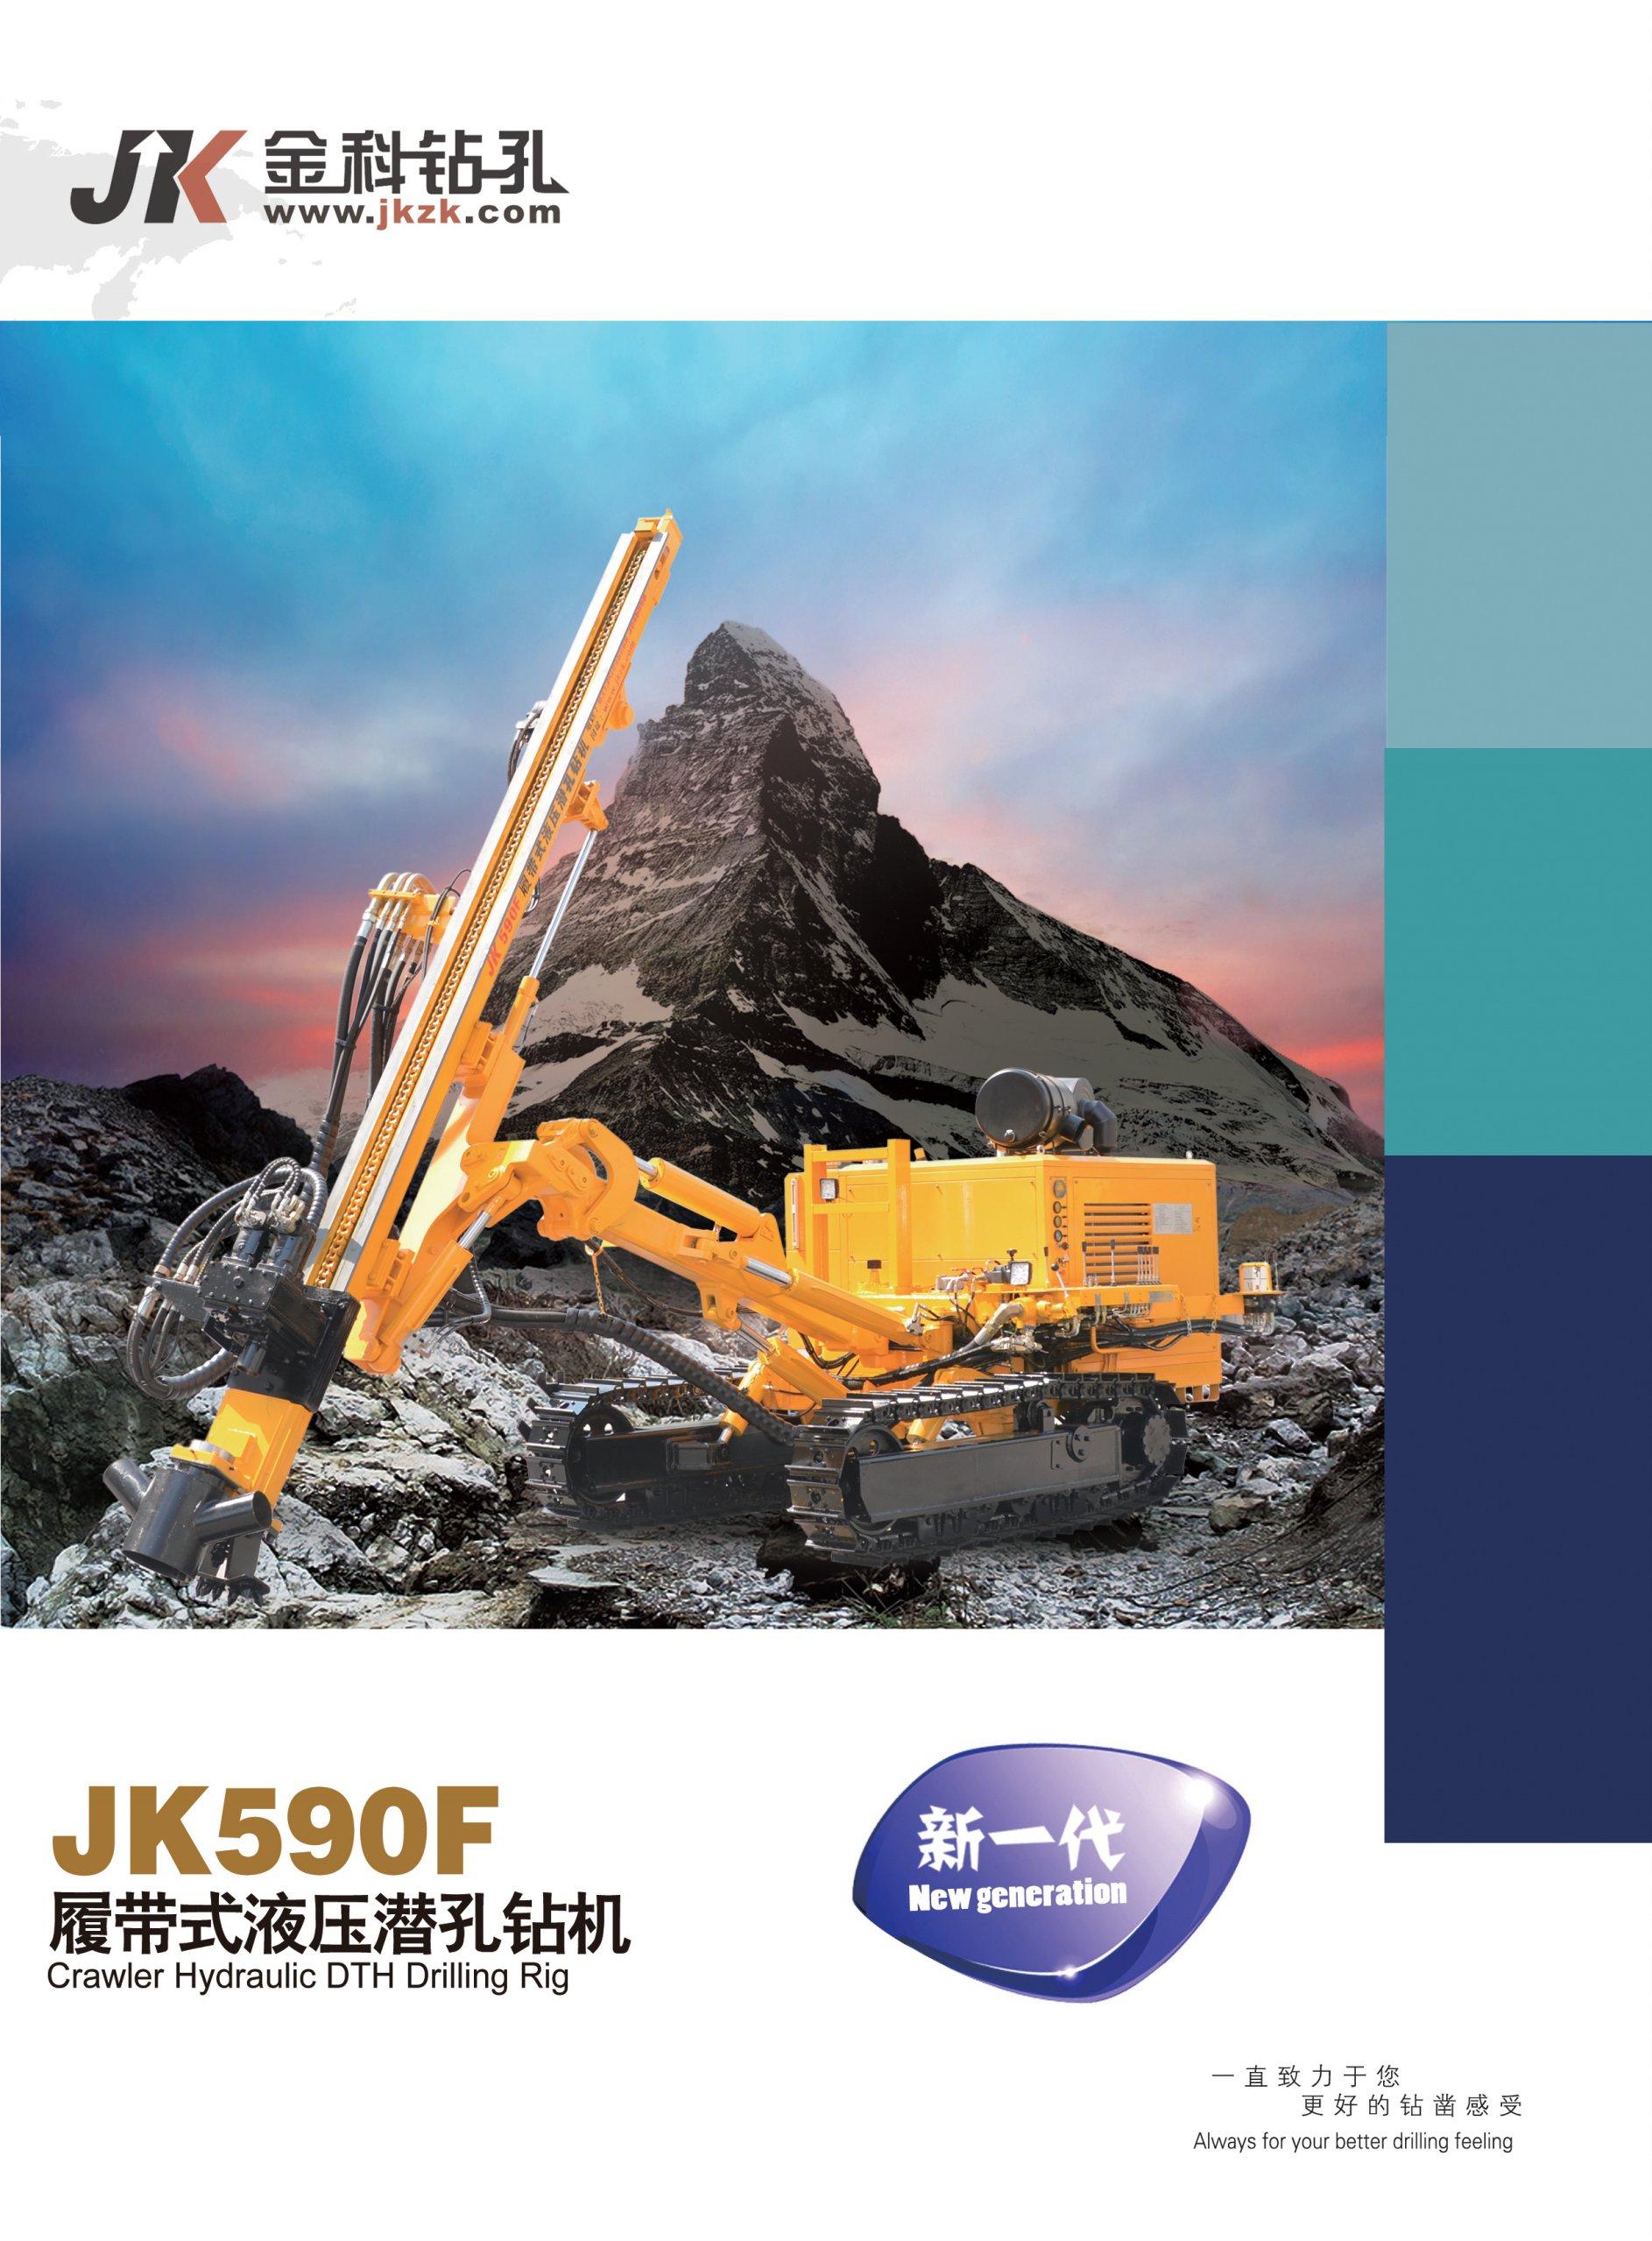 JK590F履带式多功能钻机 JK590F隧道管棚钻机 JK590F基坑锚索钻机 JK590F水除尘潜孔钻机